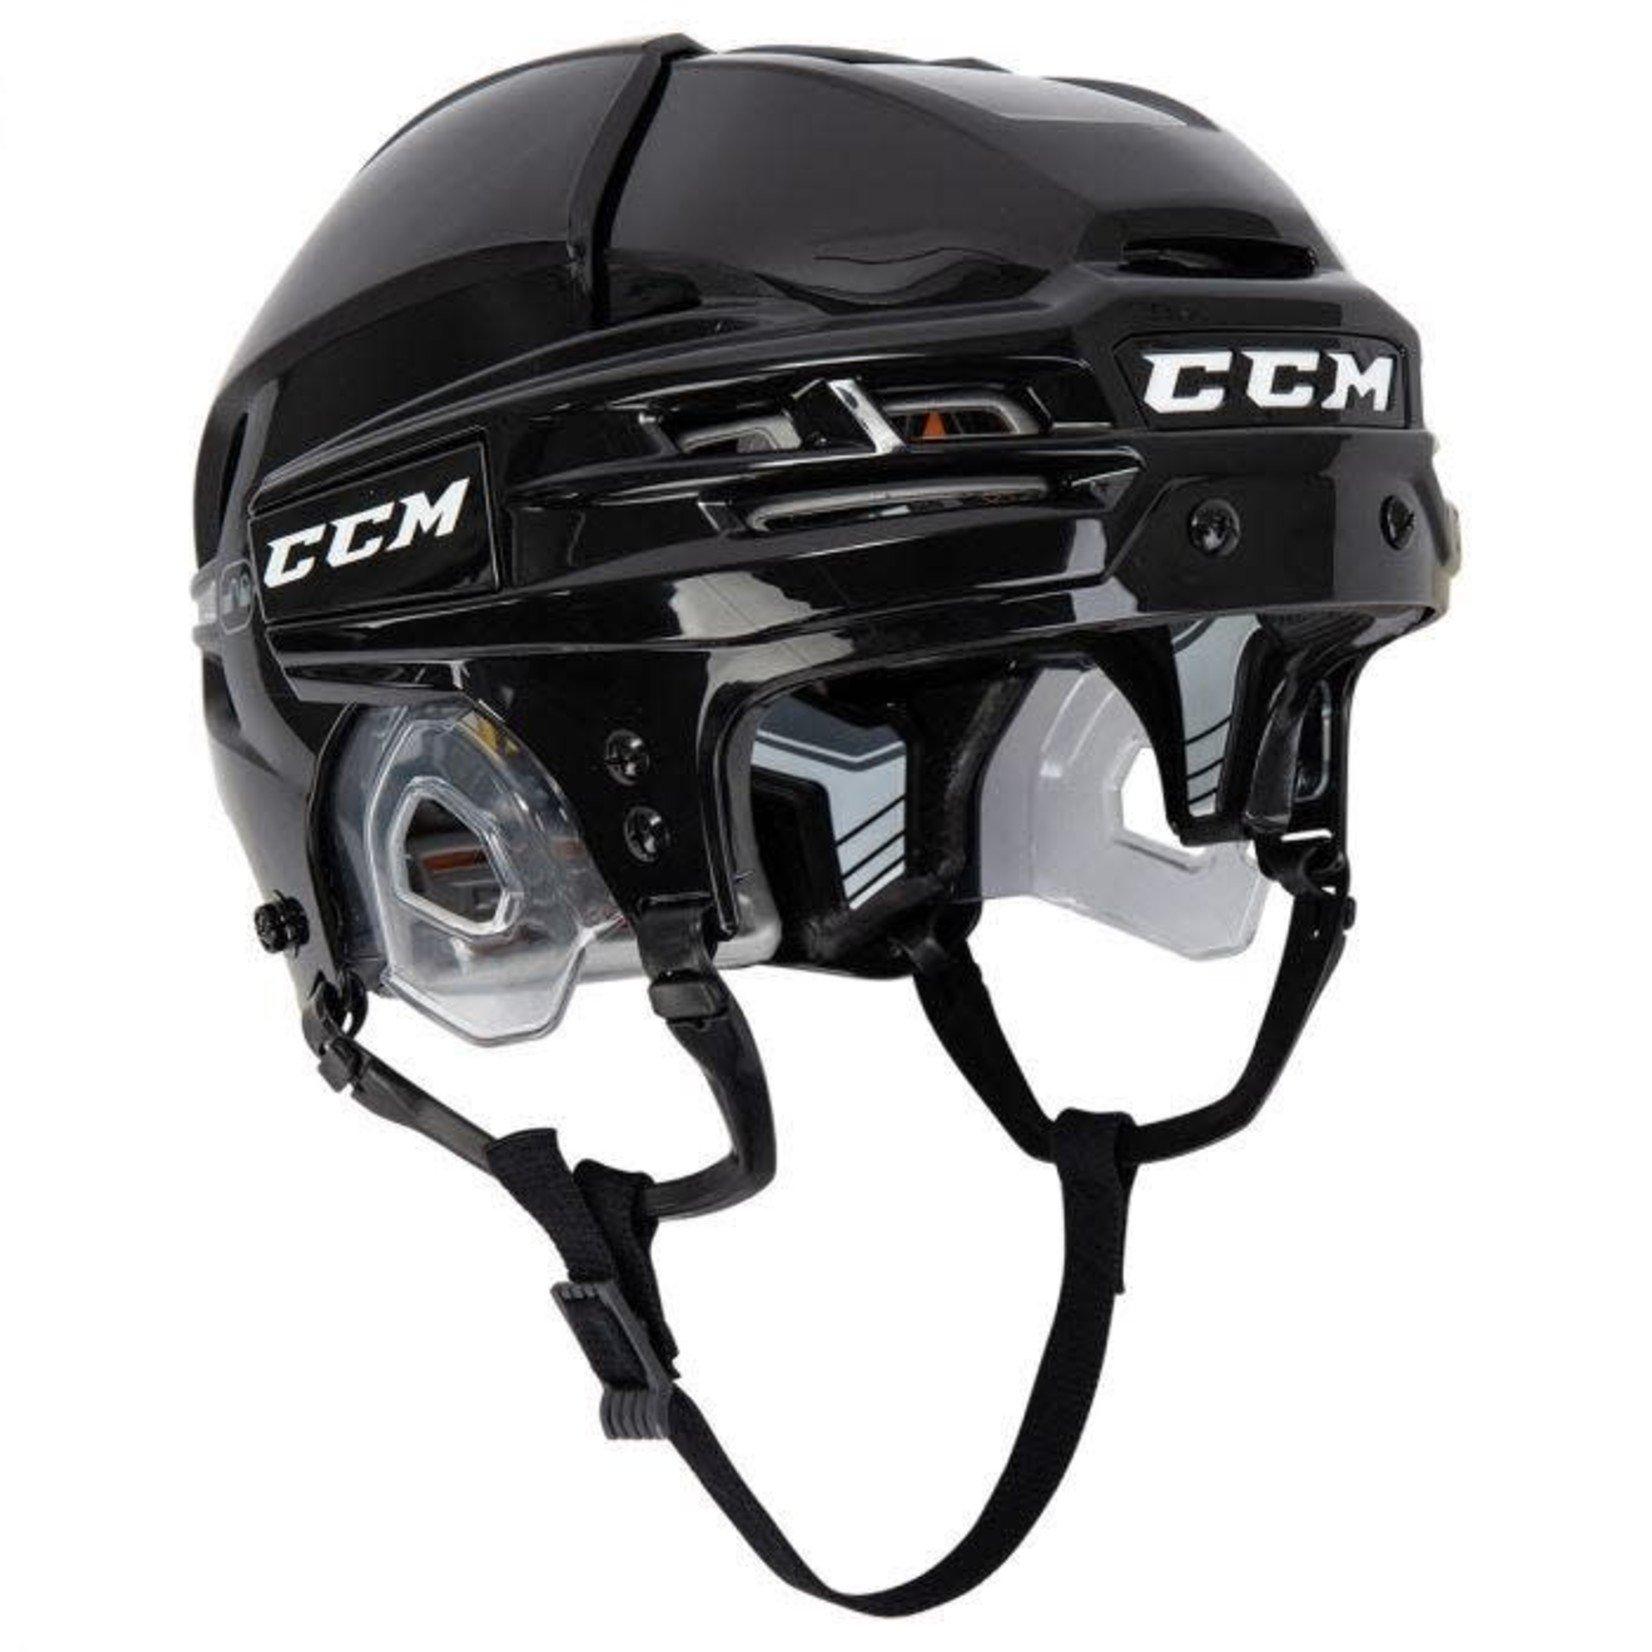 CCM CCM Hockey Helmet, Tacks 910, Senior